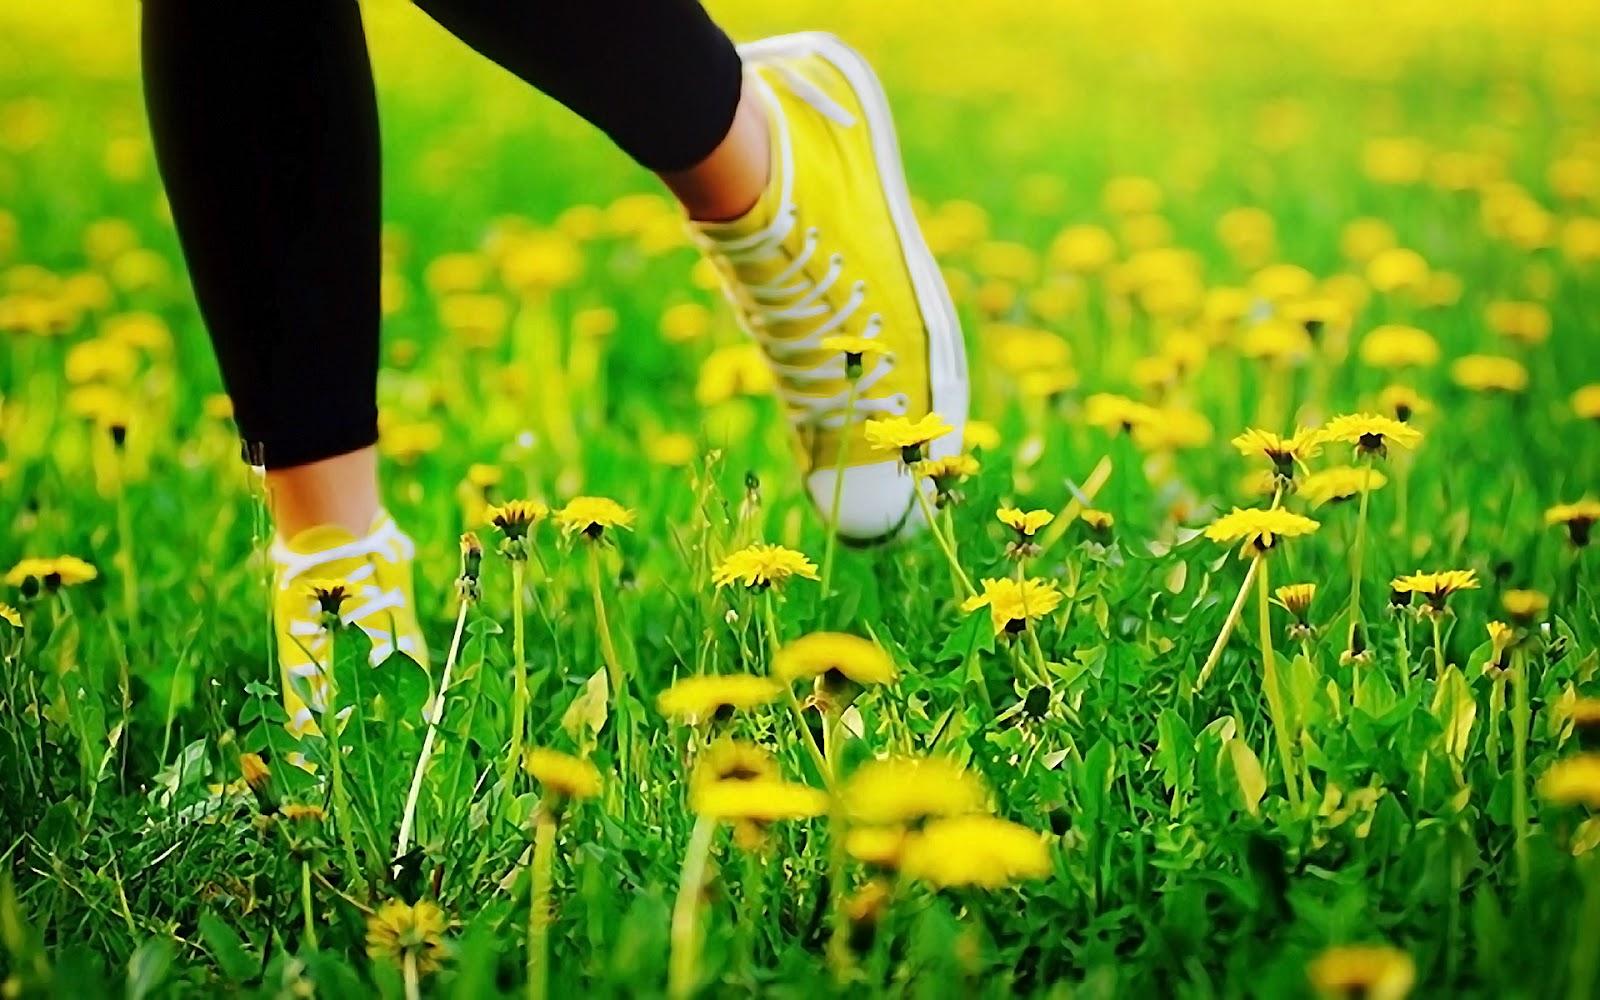 Fotos de Paisajes y Flores YouTube - Fotos Paisajes Primaverales Flores